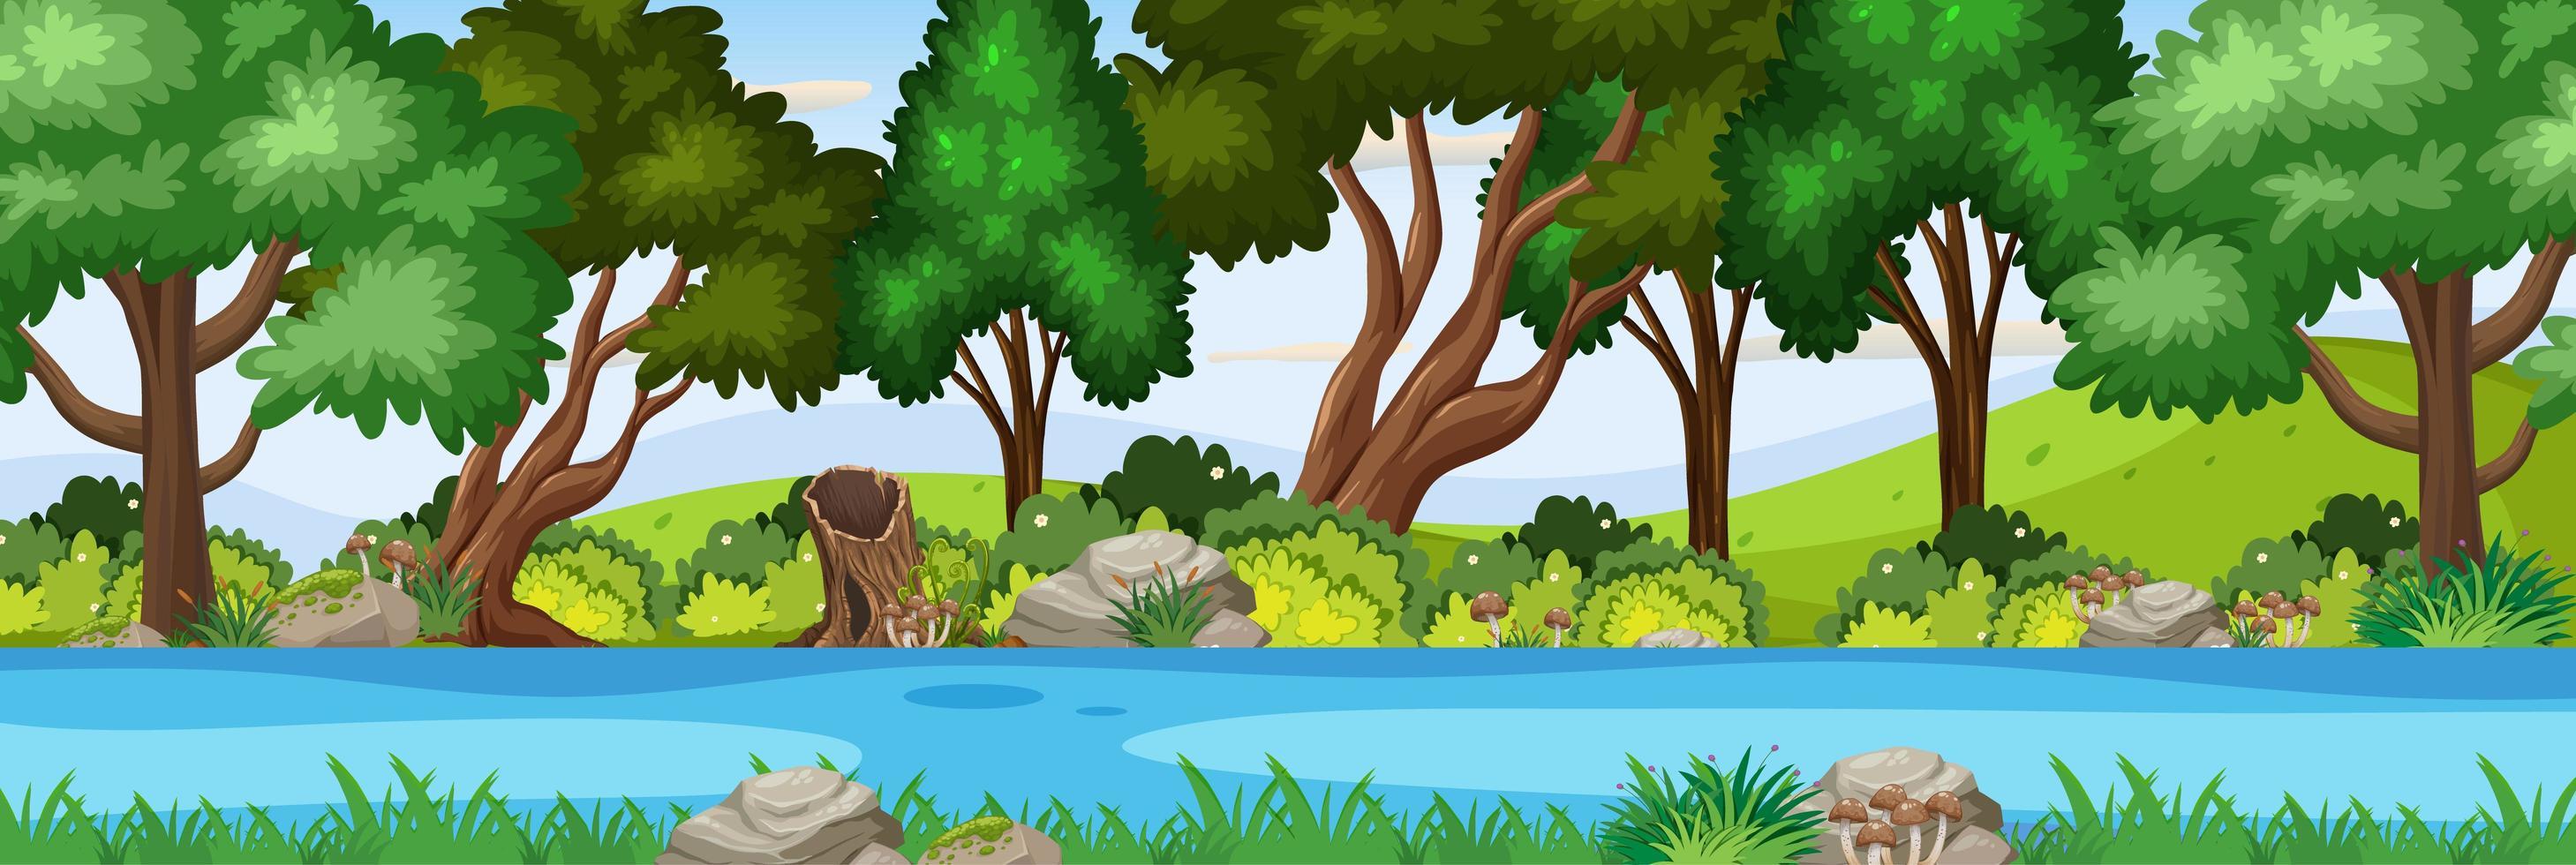 flodplats i skogen horisontell scen vektor